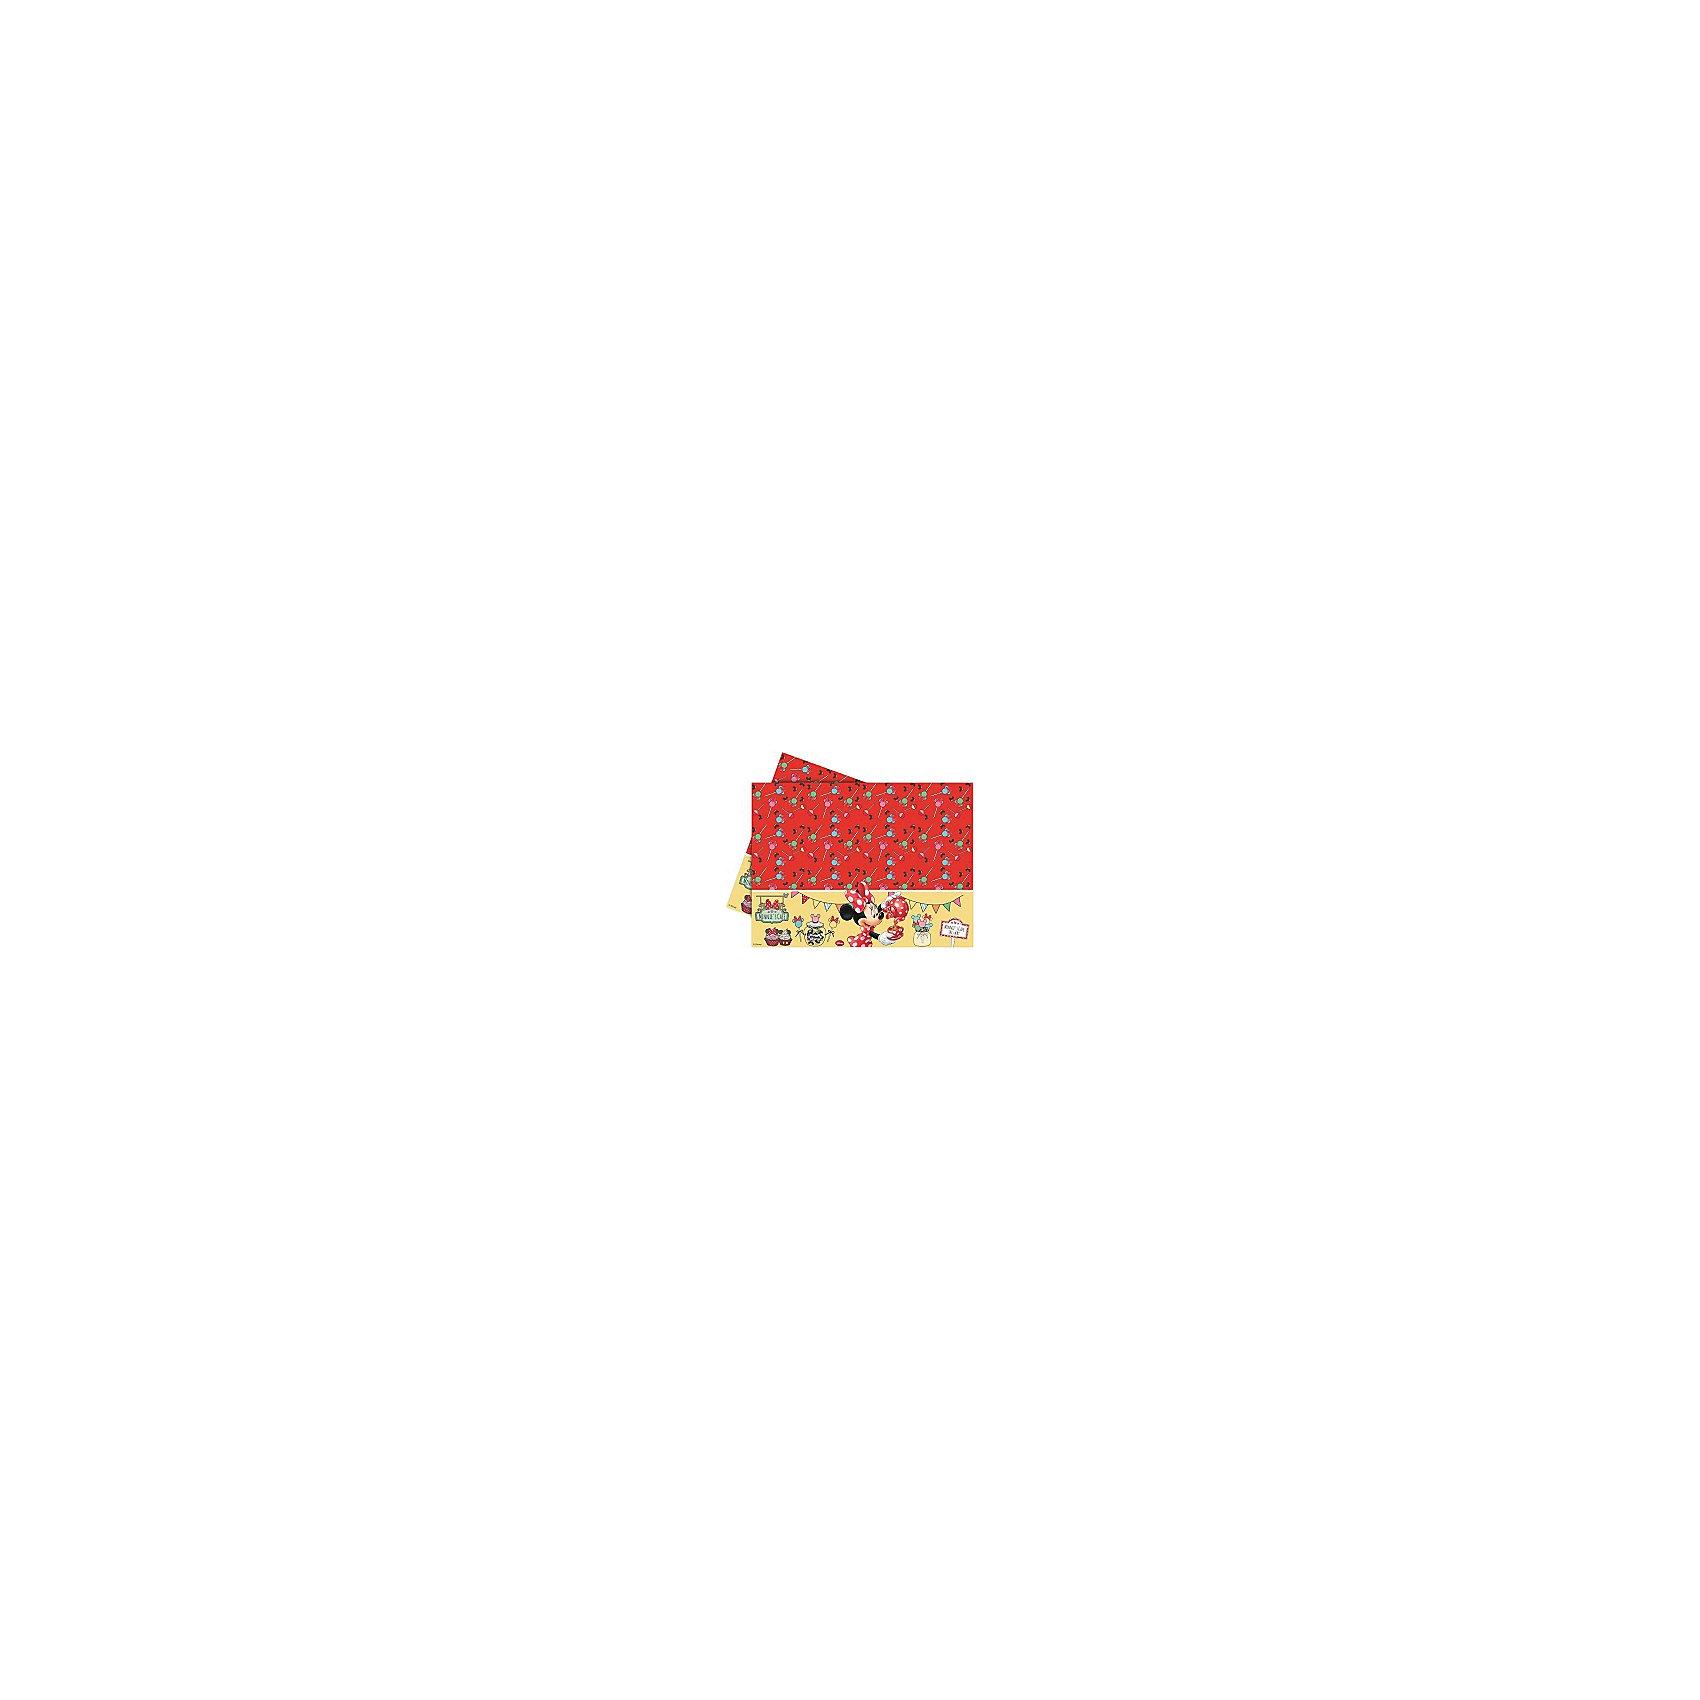 Скатерть Кафе Минни, 120x180 смКрасиво украсить праздничный стол на детском празднике Вам помогут посуда и аксессуары в стиле любимых детских персонажей. Нарядная красочная скатерть Кафе Минни выполнена по мотивам популярных диснеевских мультфильмов о мышонке Микки-Маусе и его подружке Минни и украшена изображениями забавной мышки. Этот симпатичный аксессуар поможет сделать детский праздник ярким и запоминающимся.<br><br>Дополнительная информация:<br><br>- Материал: полиэтилен. <br>- Размер скатерти: 120 х 180 см.<br>- Размер упаковки: 37 х 2 х 16 см.<br>- Вес: 110 гр.<br><br>Скатерть Кафе Минни можно купить в нашем интернет-магазине.<br><br>Ширина мм: 370<br>Глубина мм: 20<br>Высота мм: 160<br>Вес г: 110<br>Возраст от месяцев: 36<br>Возраст до месяцев: 84<br>Пол: Женский<br>Возраст: Детский<br>SKU: 4008394